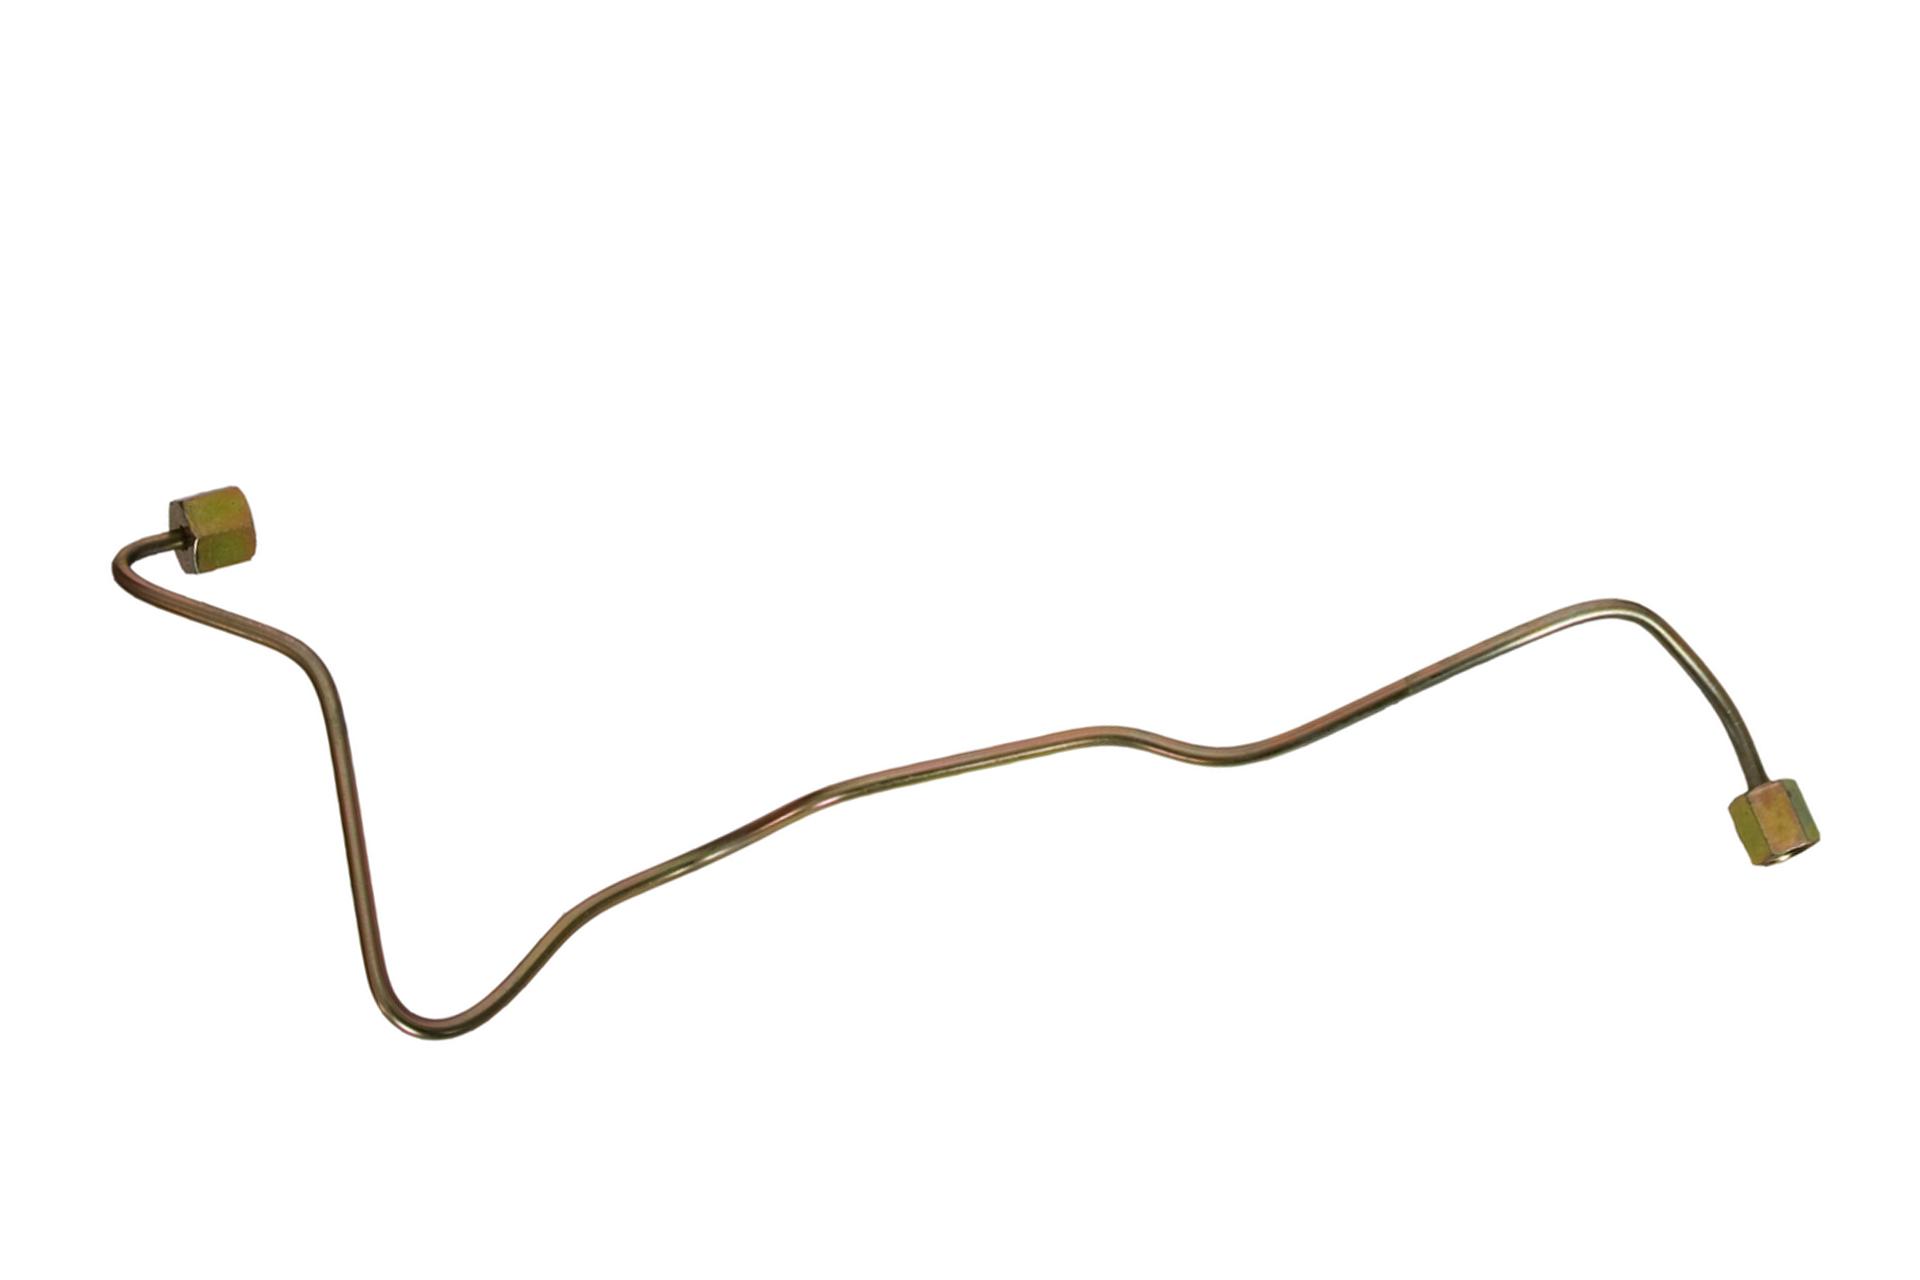 кабель топливный mercedes sprinter 29 w210 5 цил